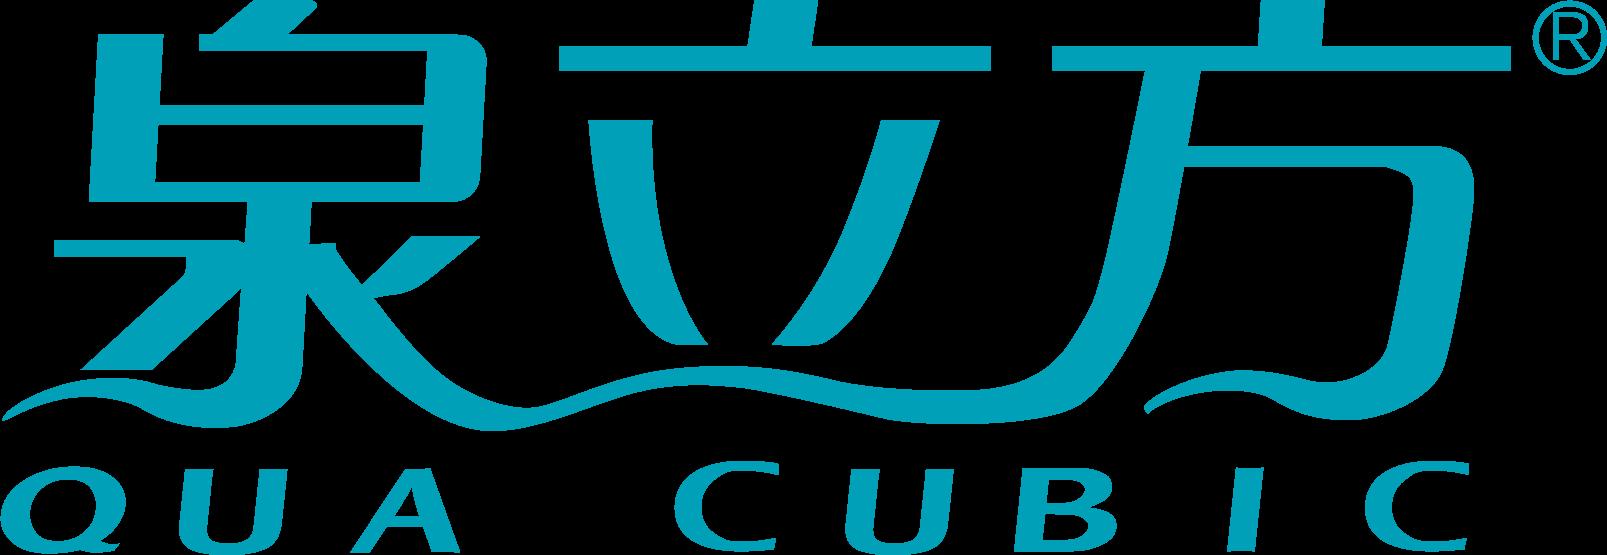 泉立方QUA CUBIC品牌 洗涤行业轻奢品